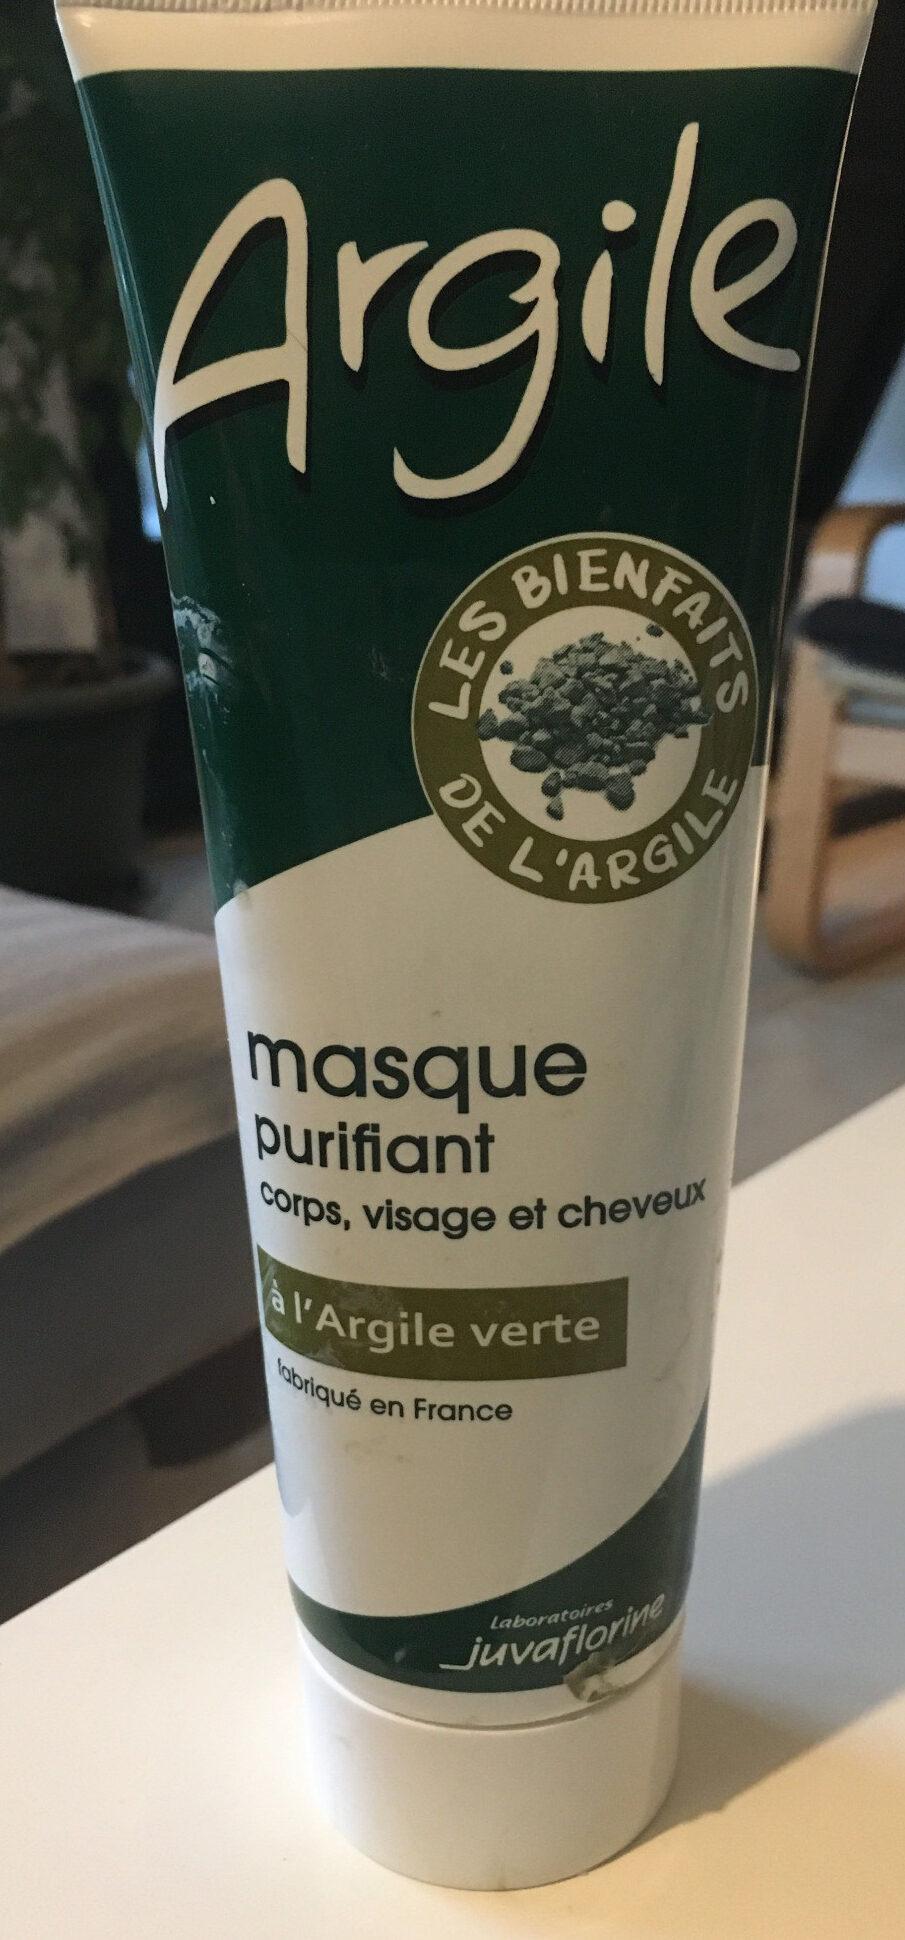 Masque Purifiant Naturel à L'Argile Verte. - Product - fr